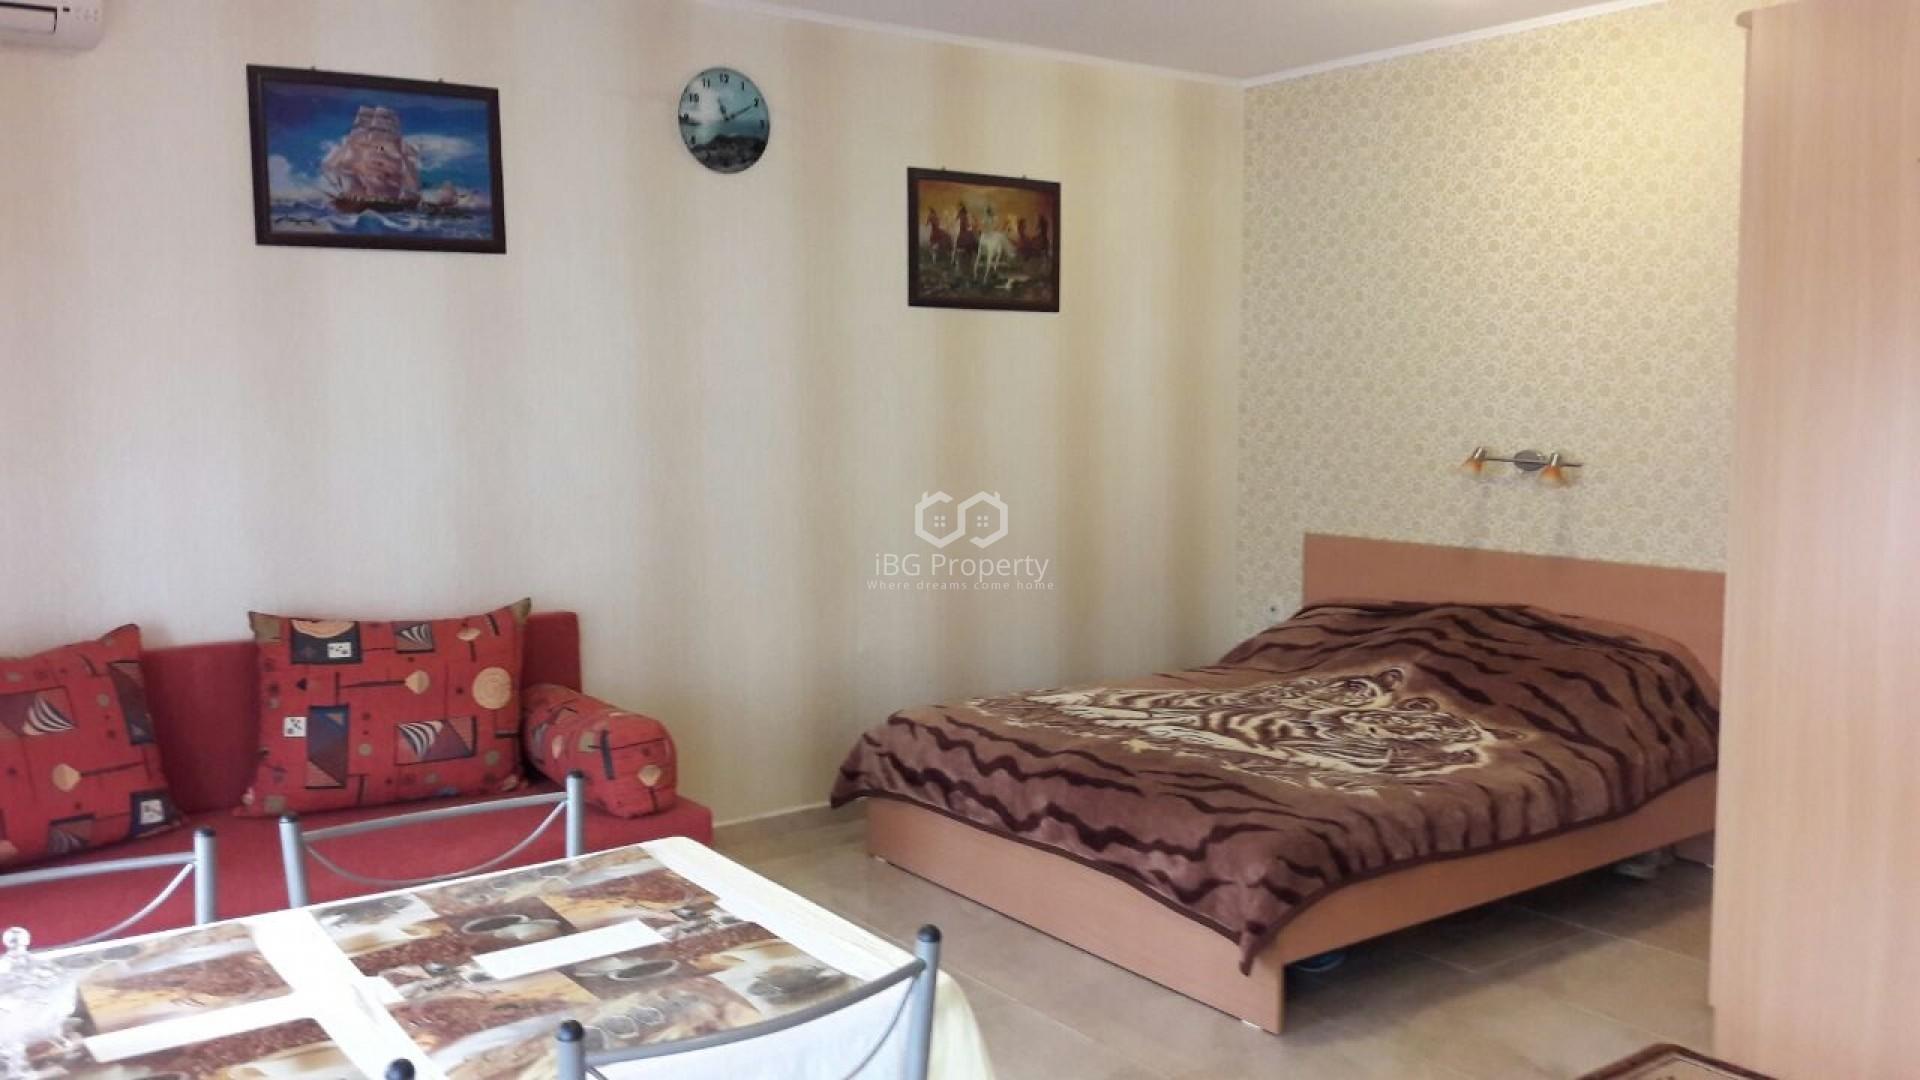 Eдностаен апартамент Черно море Несебър  34 m2